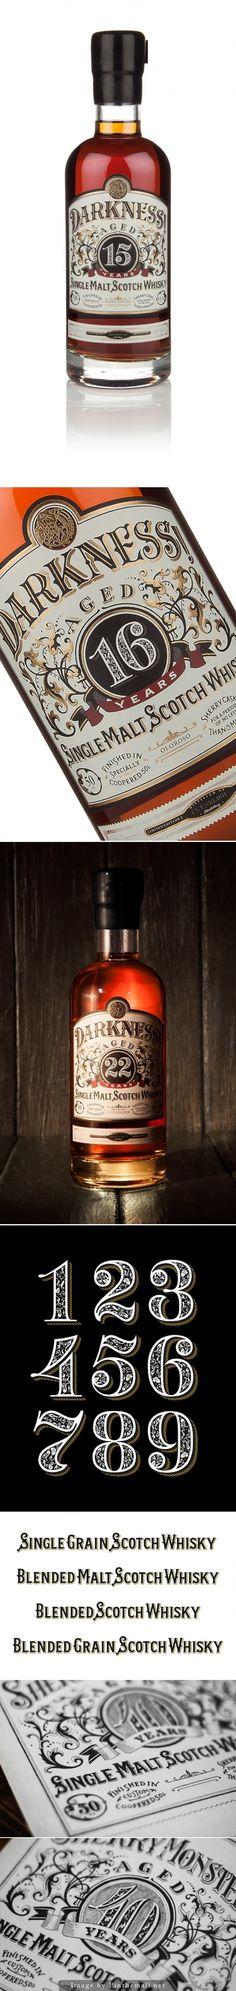 Darkness #Whisky, Designer: Ginger Monkey - http://www.packagingoftheworld.com/2014/10/darkness-whisky.html